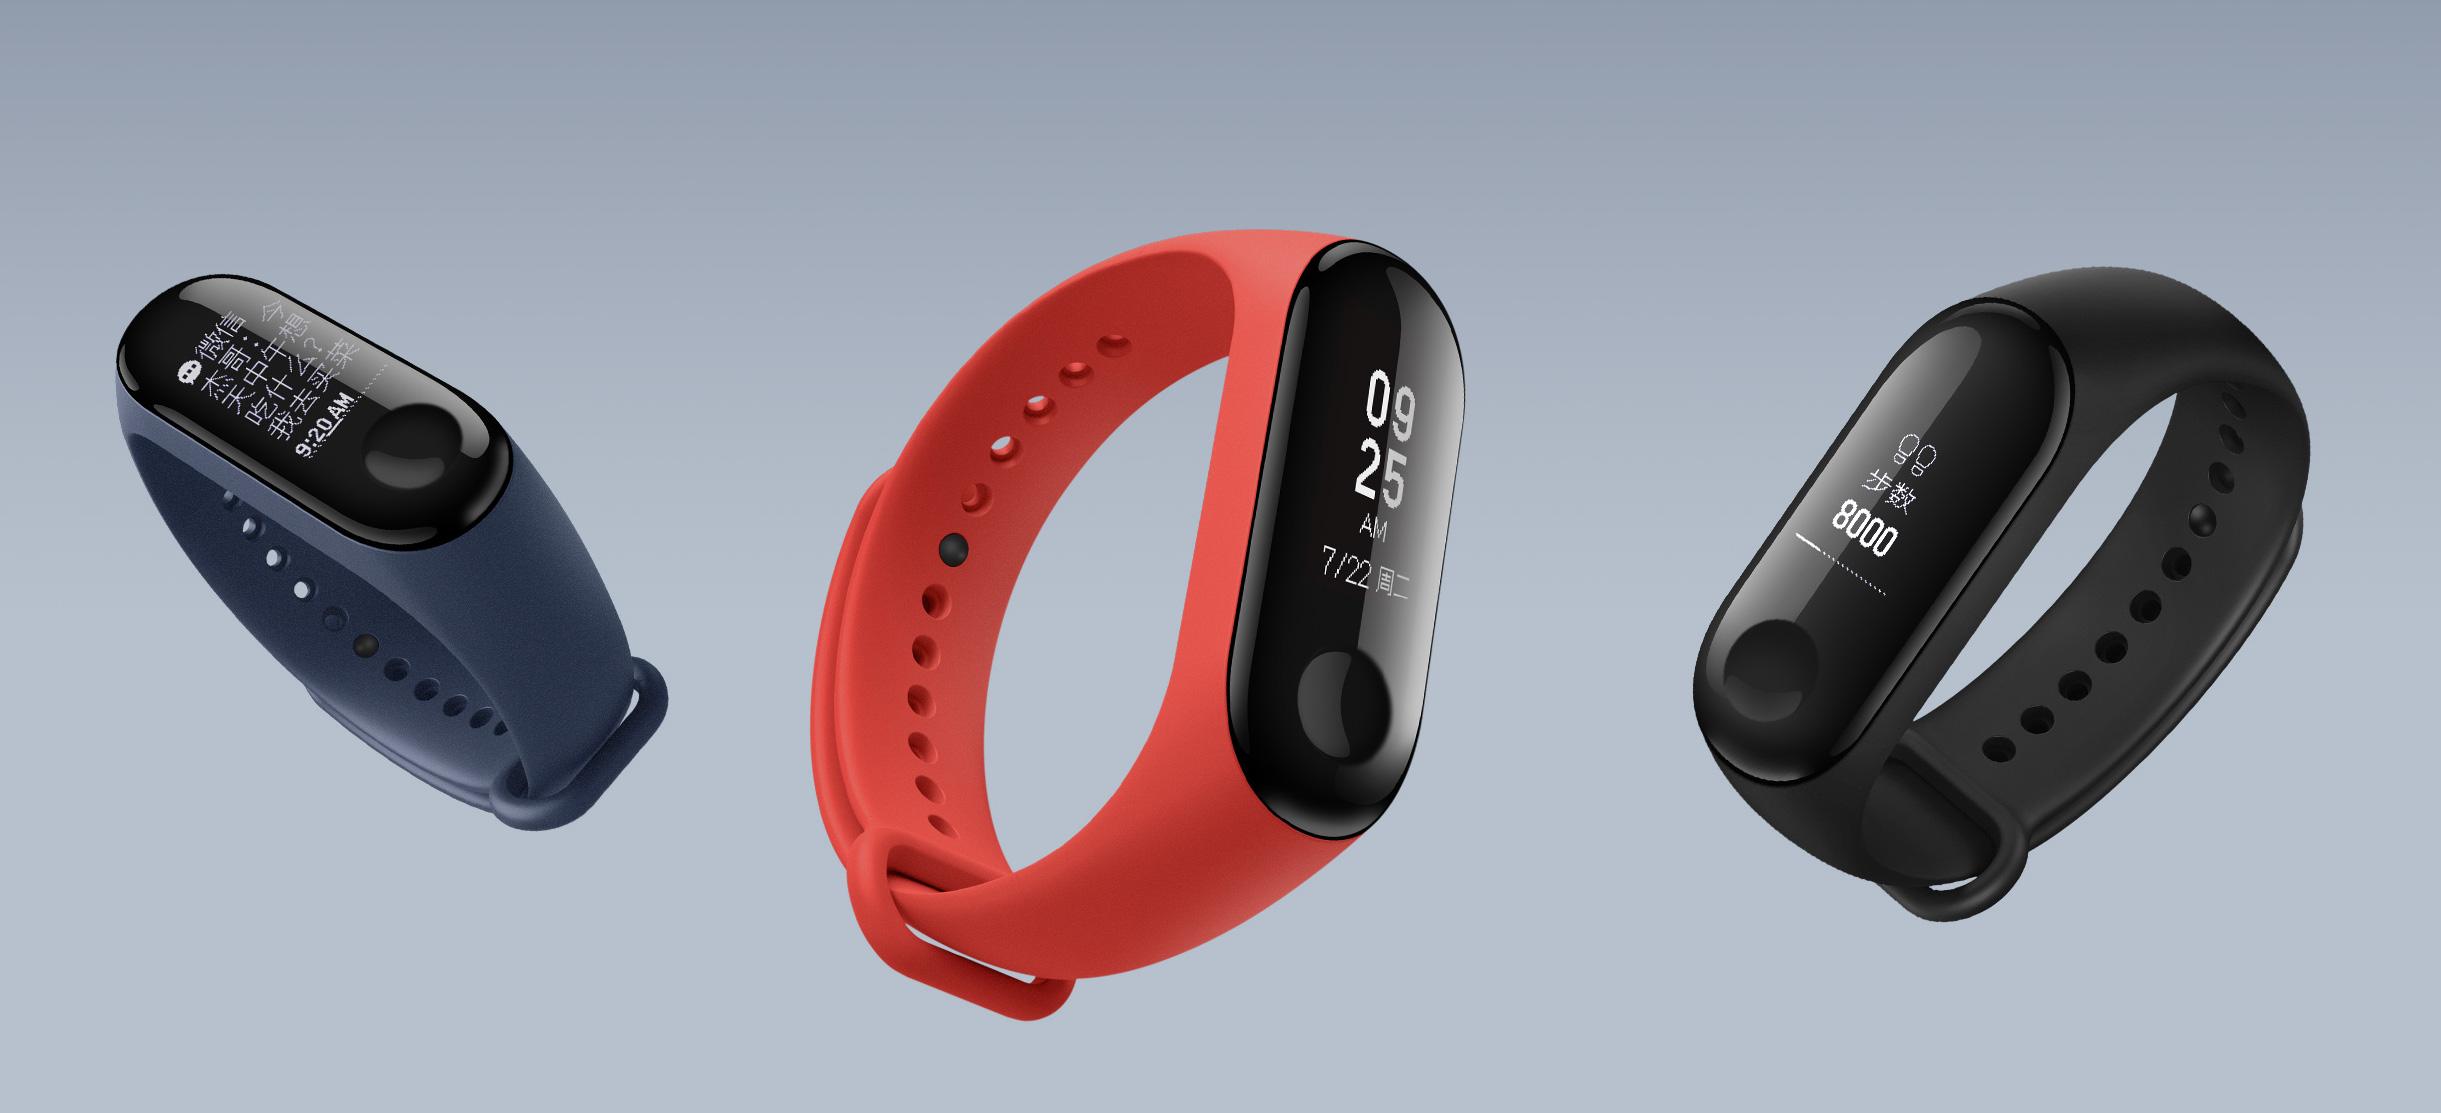 最新的「小米手环3」 将在台湾举行的「小米台湾智慧穿戴新品发布会」发表